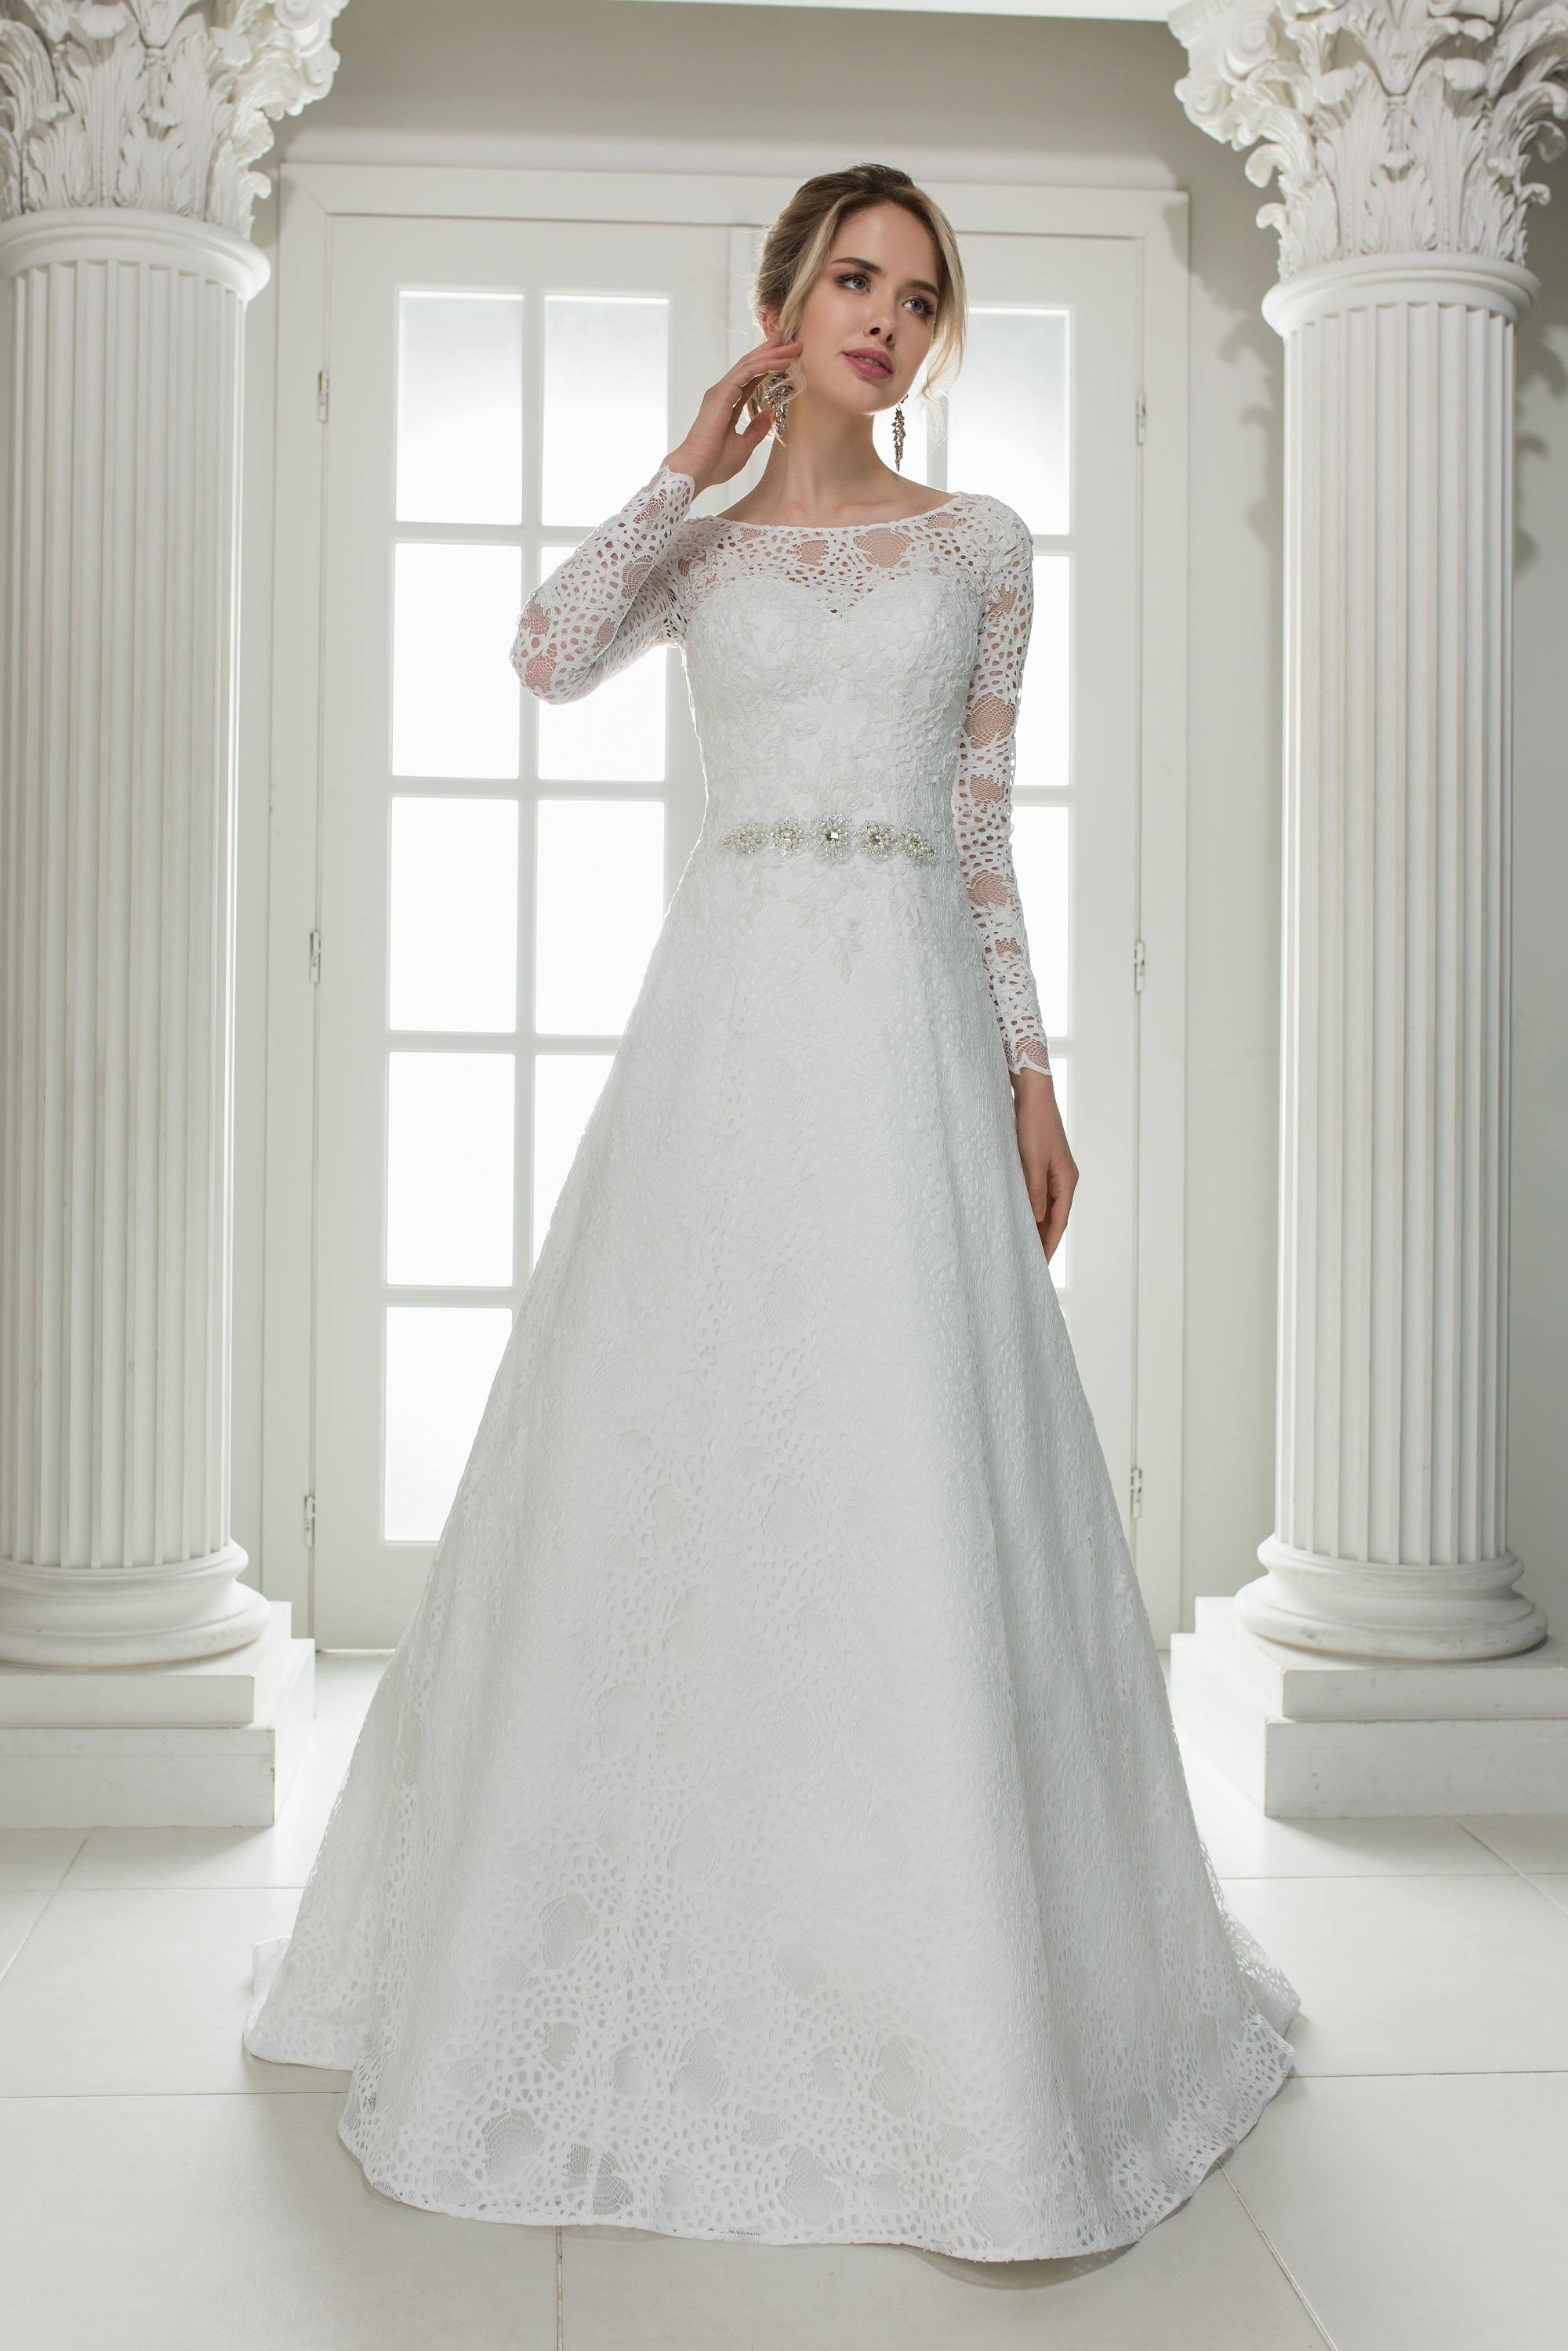 Wedding Dress Hochzeitskleid Brautkleid ELINA